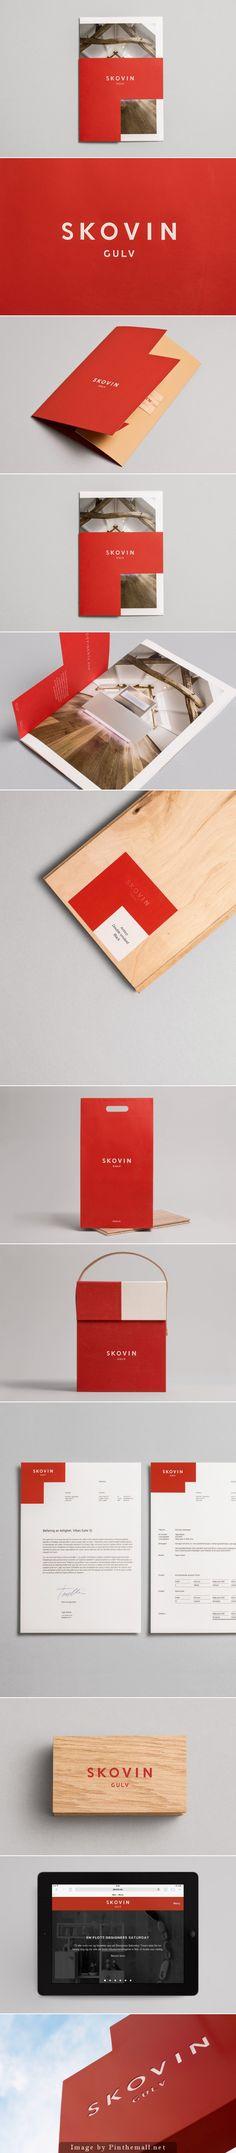 New Brand Identity Skovin by Heydays